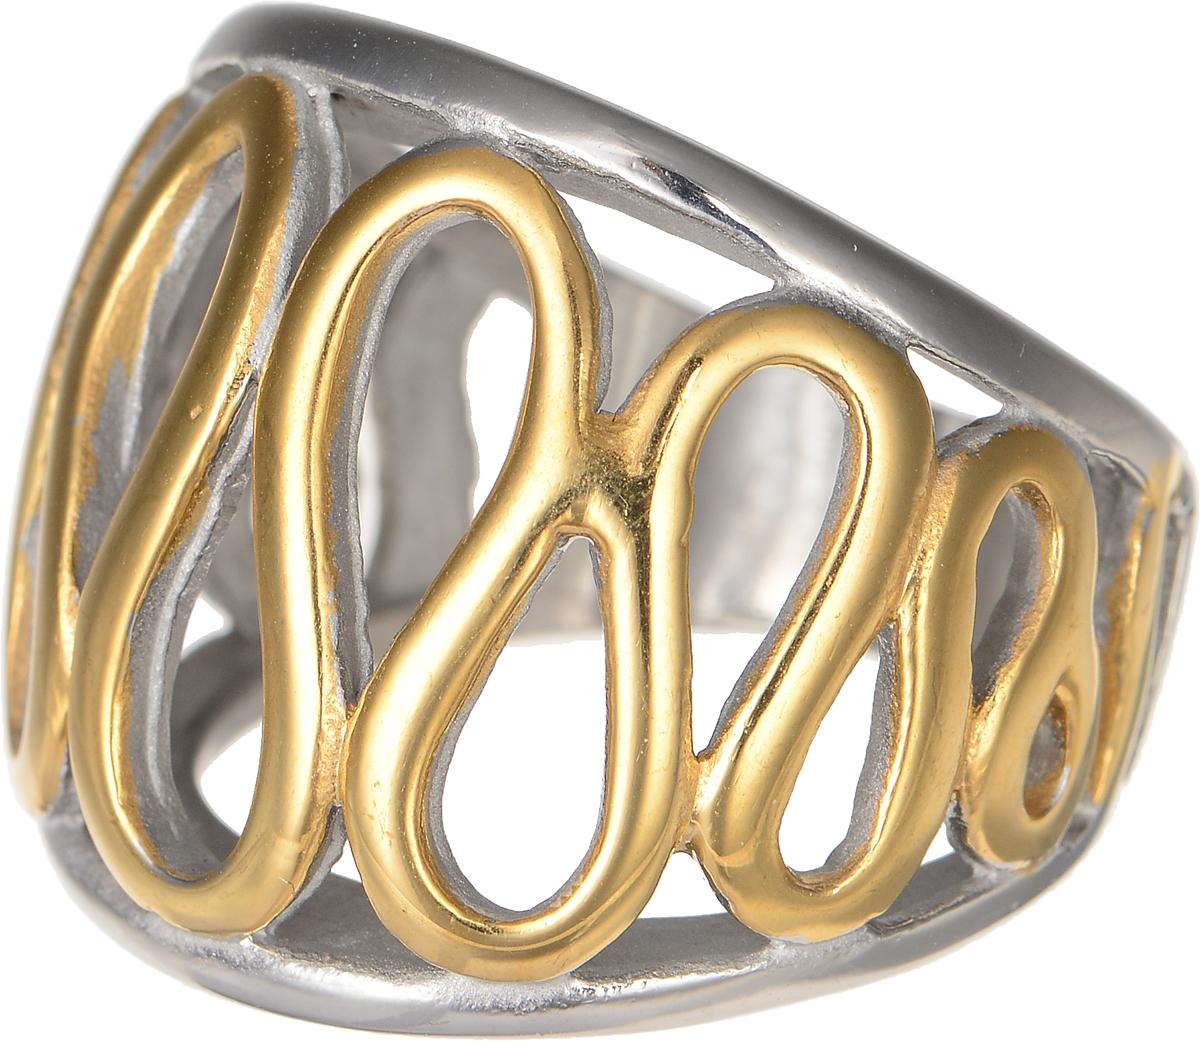 Кольцо Polina Selezneva, цвет: серебристый, золотистый. DG-0011. Размер 17DG-0011-07Стильное кольцо Polina Selezneva изготовлено из качественного металлического сплава и выполнено в оригинальном дизайне. Кольцо оформлено резным узором.